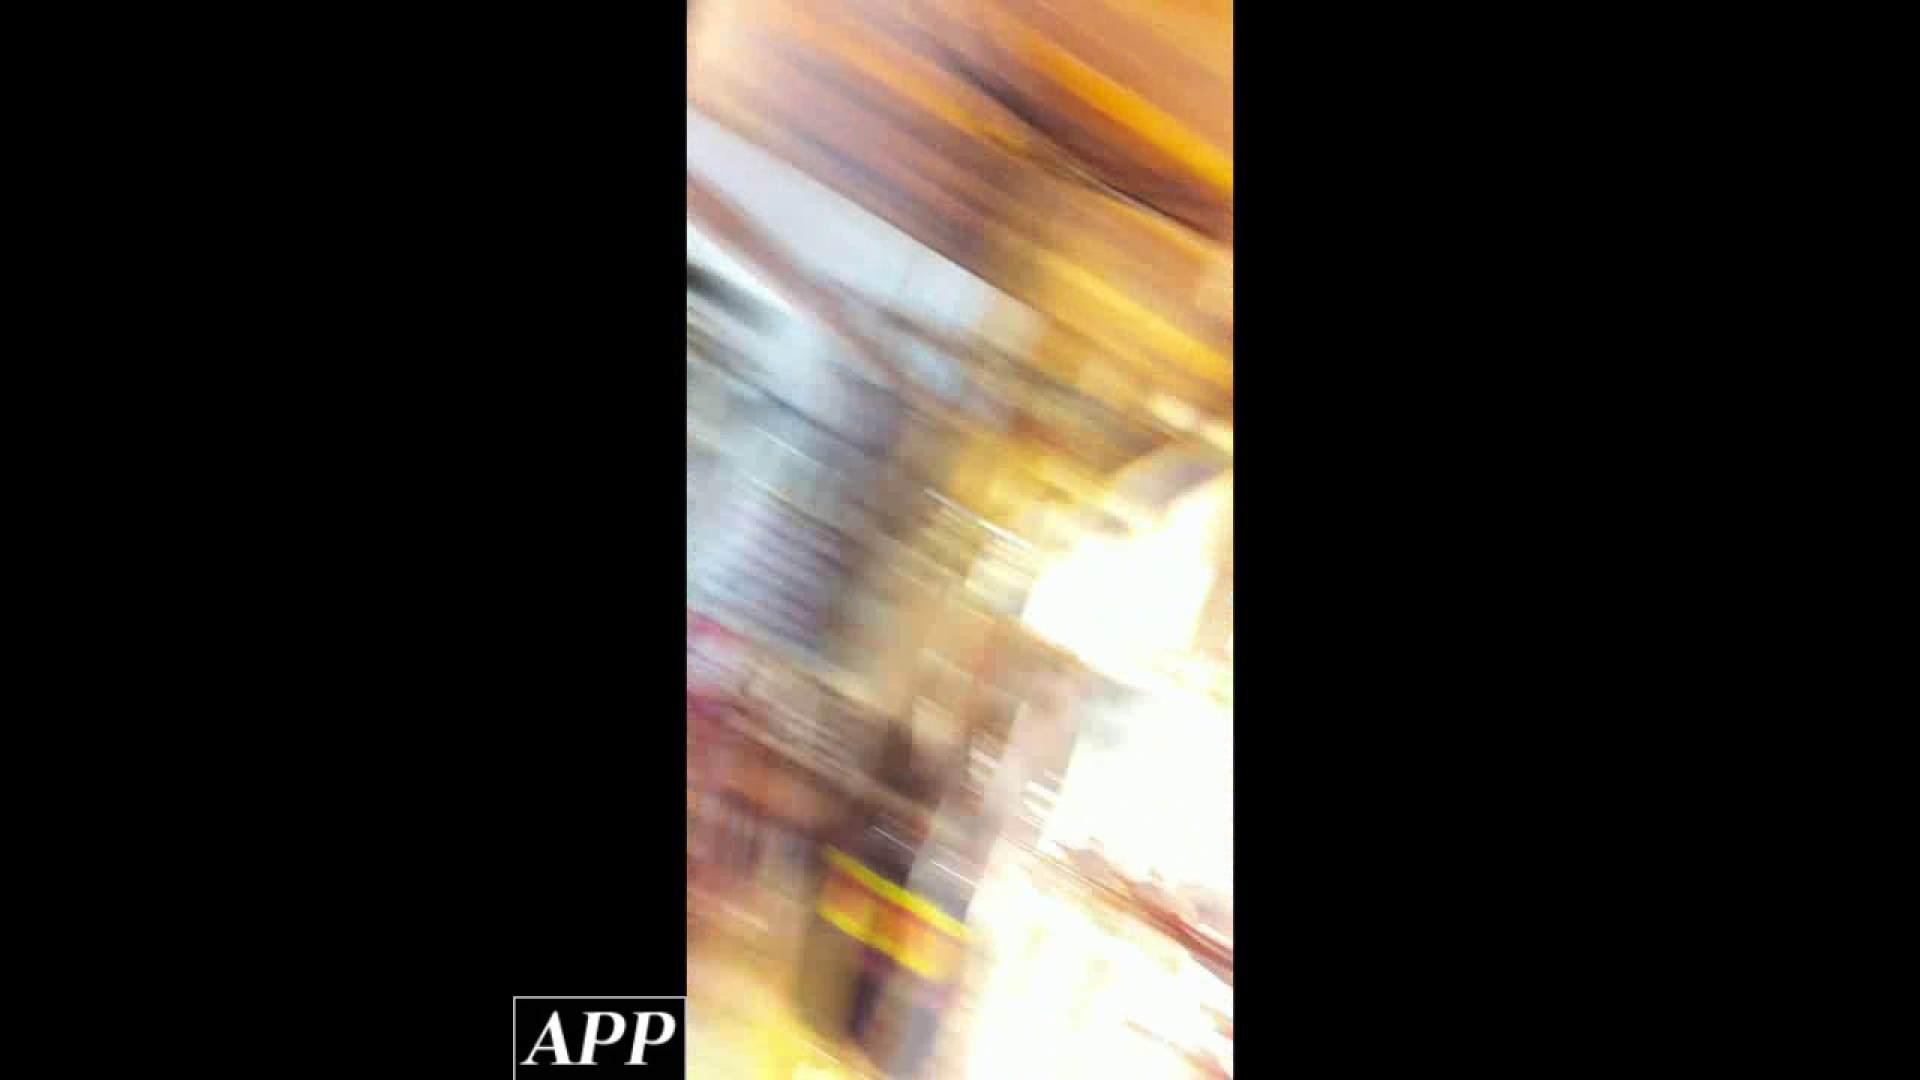 ハイビジョン盗撮!ショップ店員千人斬り!胸チラ編 vol.75 盗撮シリーズ AV無料動画キャプチャ 109PIX 42